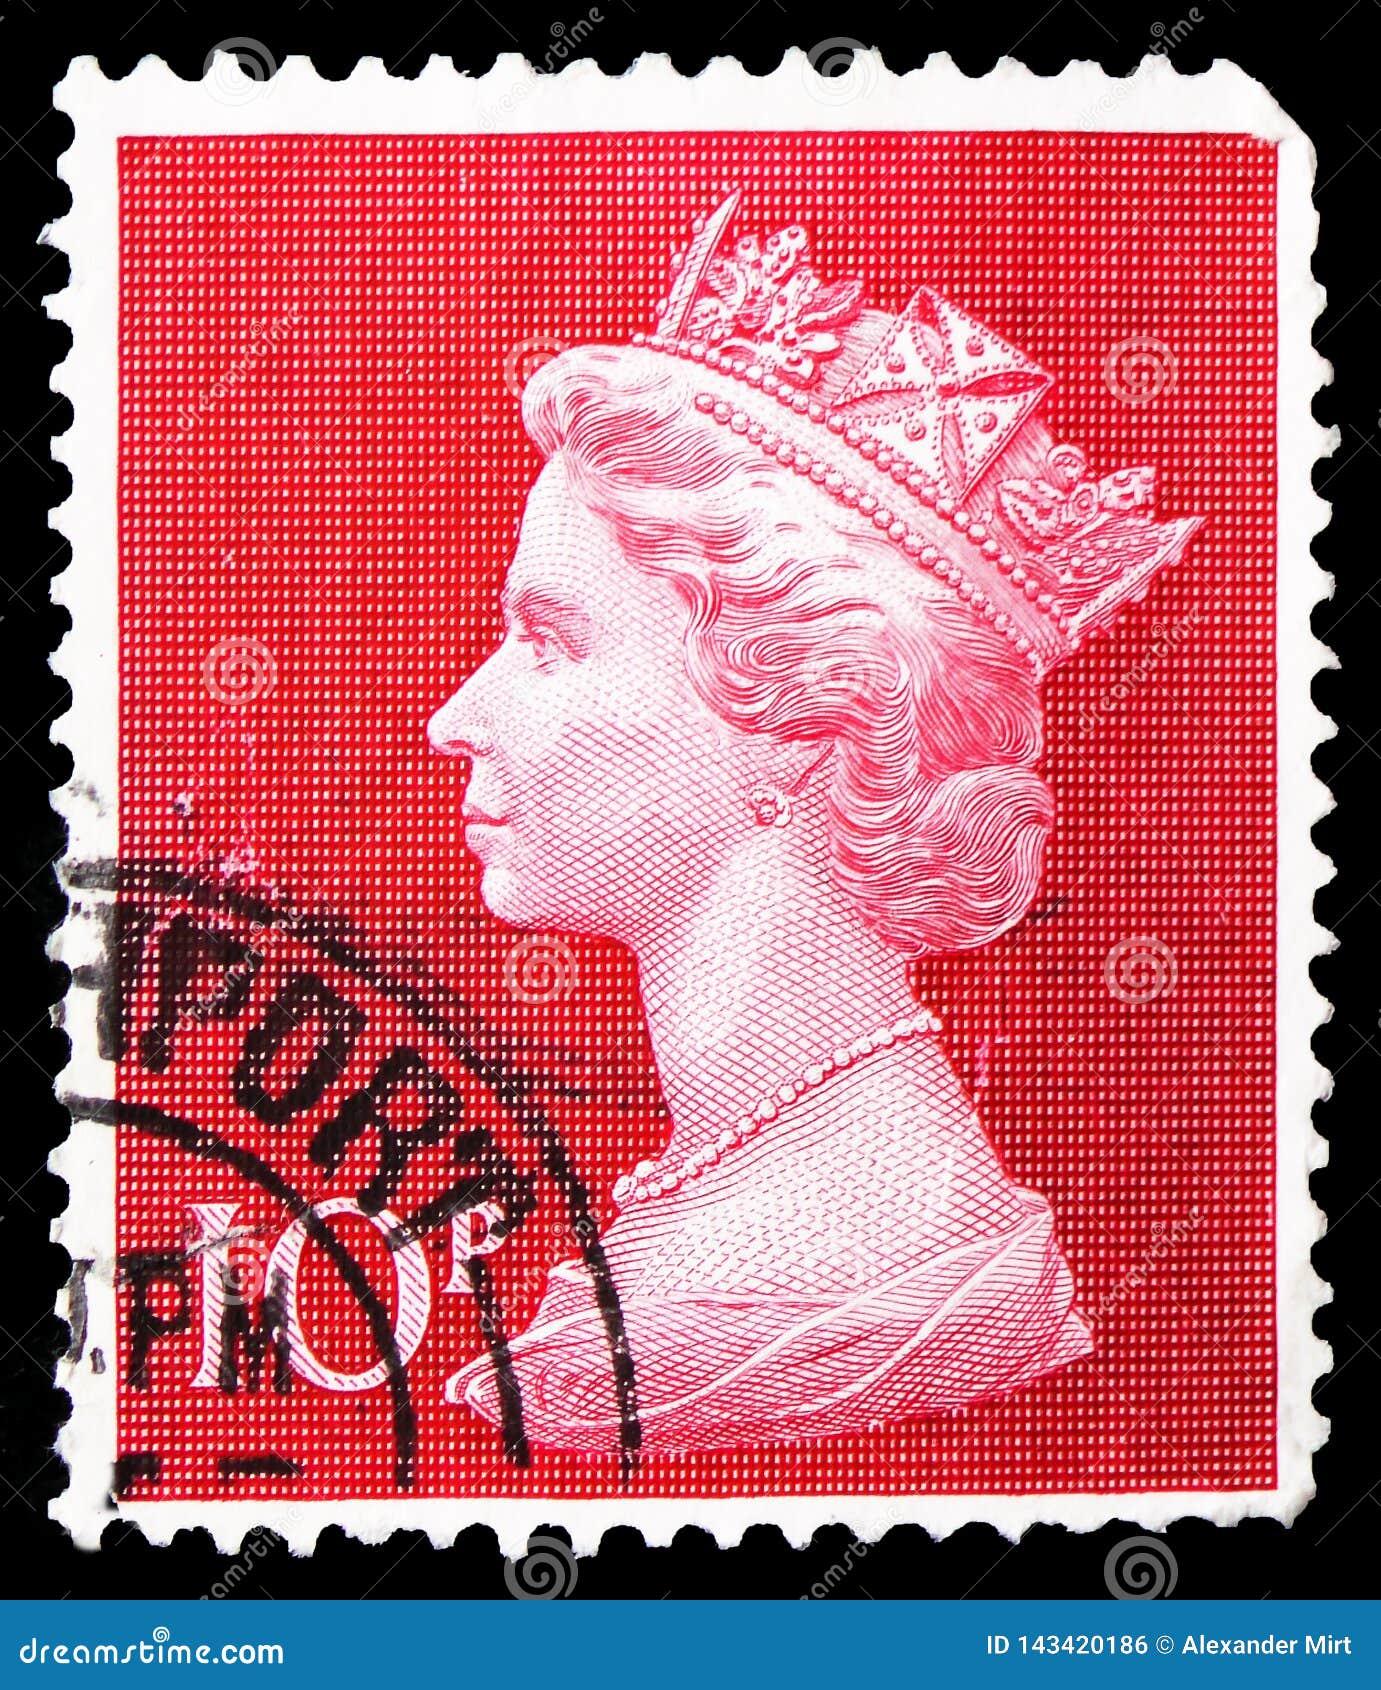 Βασίλισσα Elizabeth II - μεγάλο Machin, serie, circa 1970